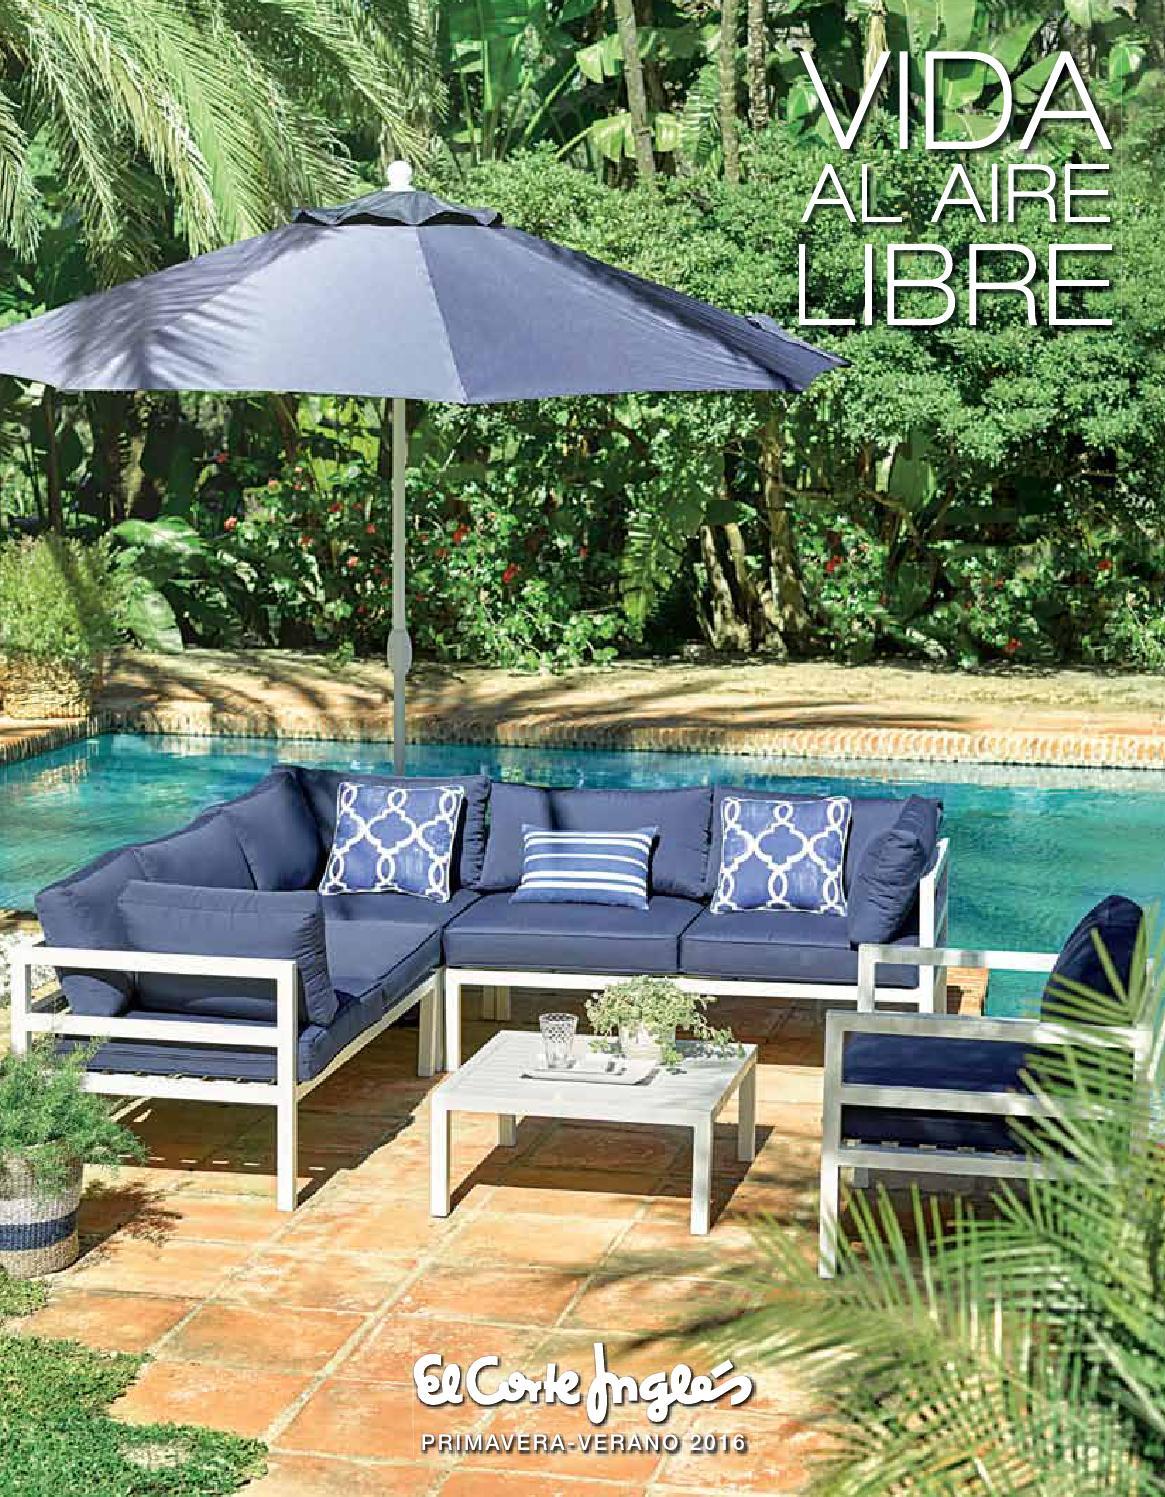 Muebles de jardin el corte ingles sillas sillones y for Muebles de jardin en el corte ingles